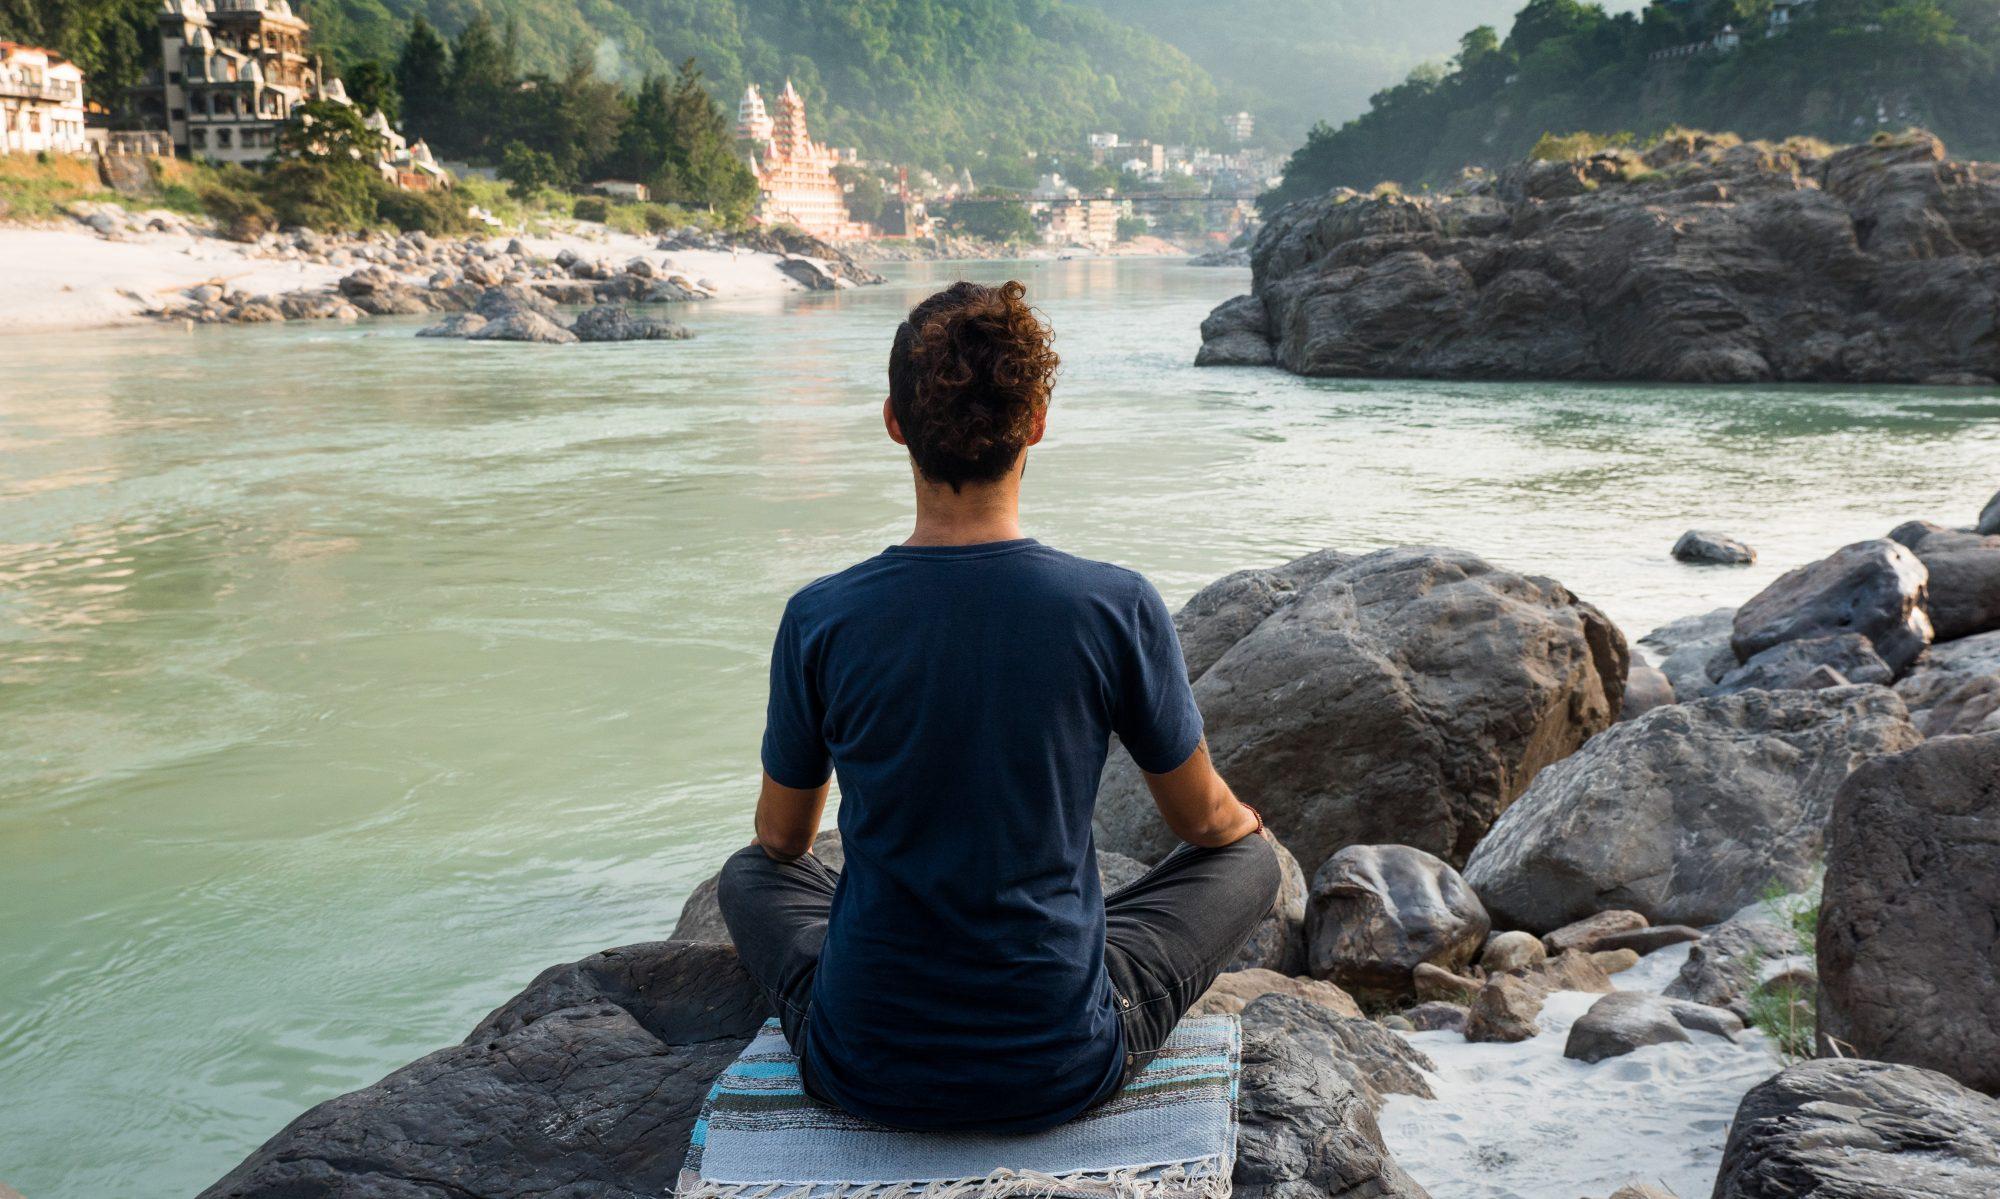 shamminski yoga